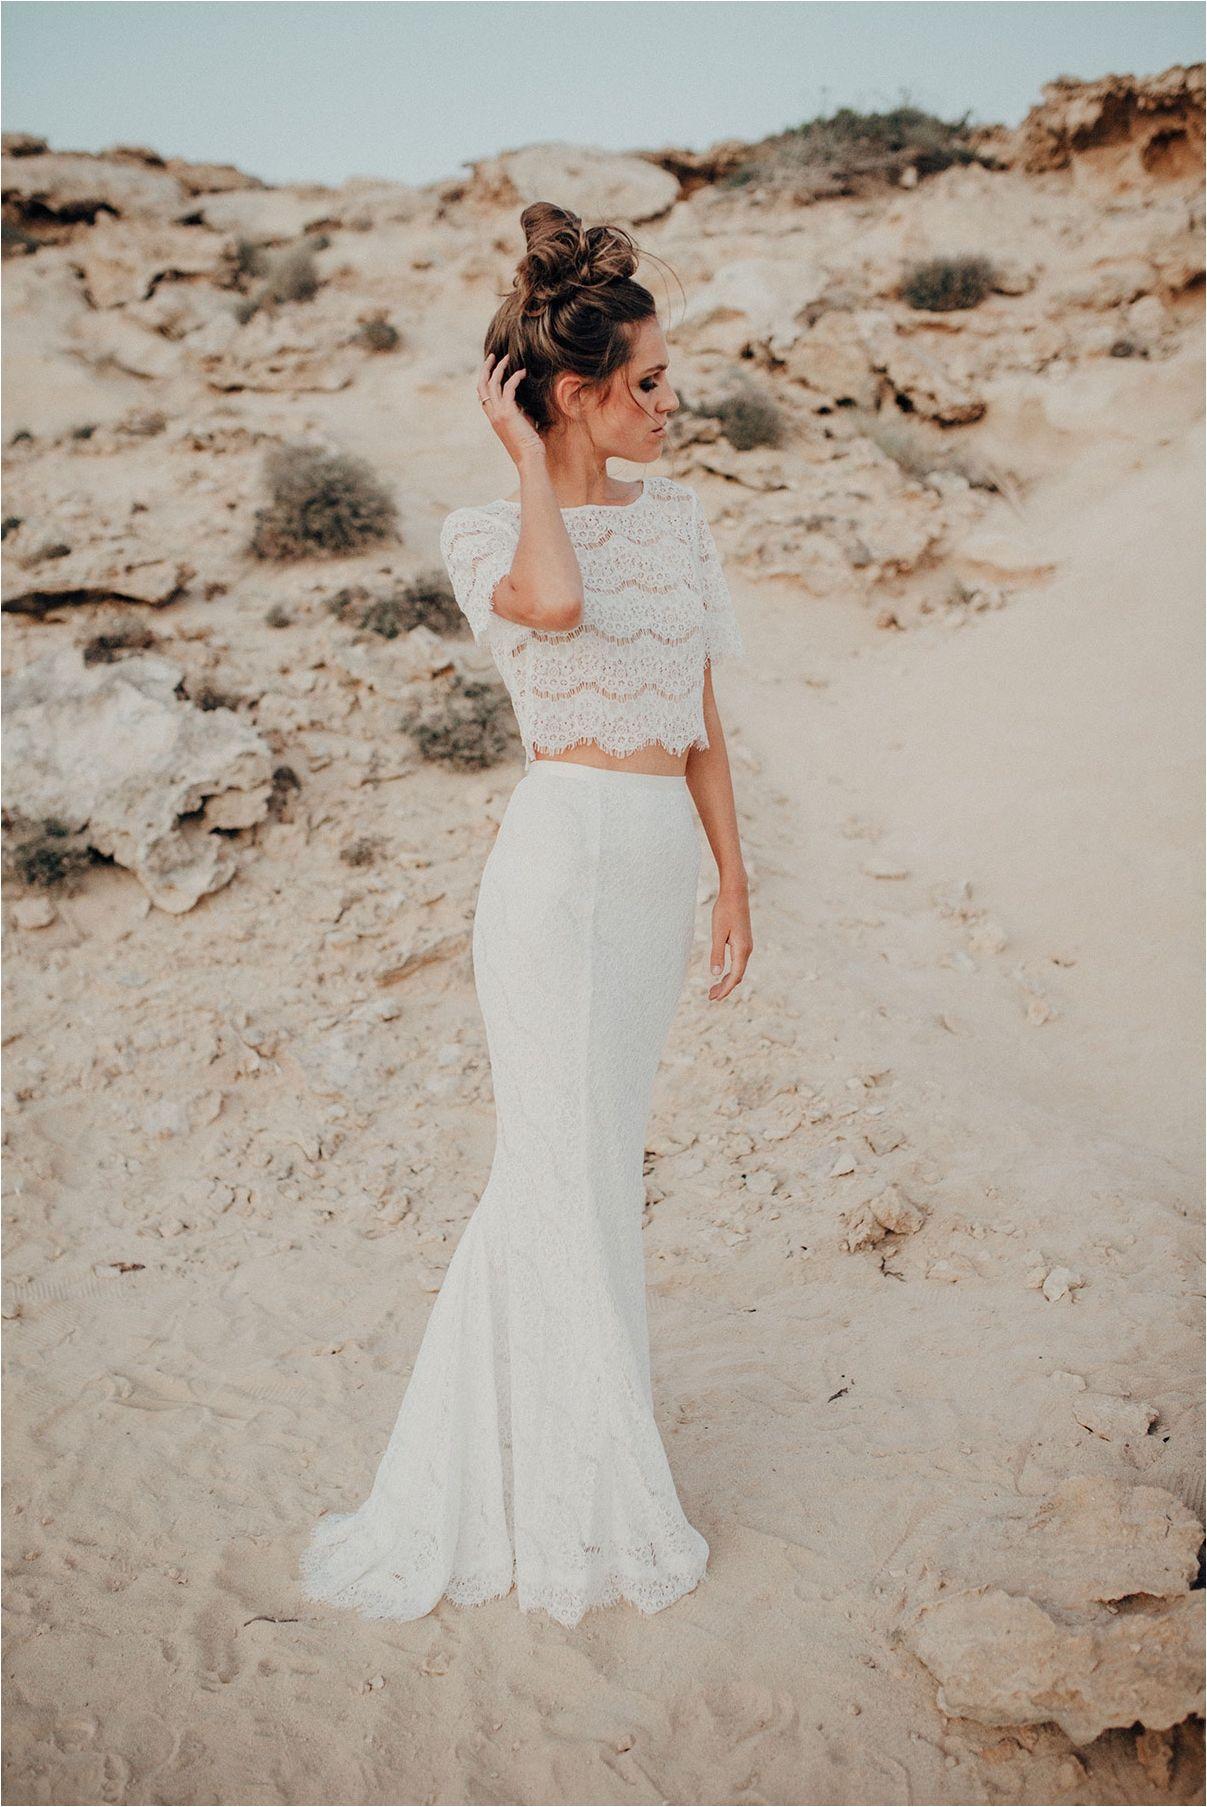 Wedding beach dress  The Best Wedding Beach Dresses  Wedding beach Beach weddings and